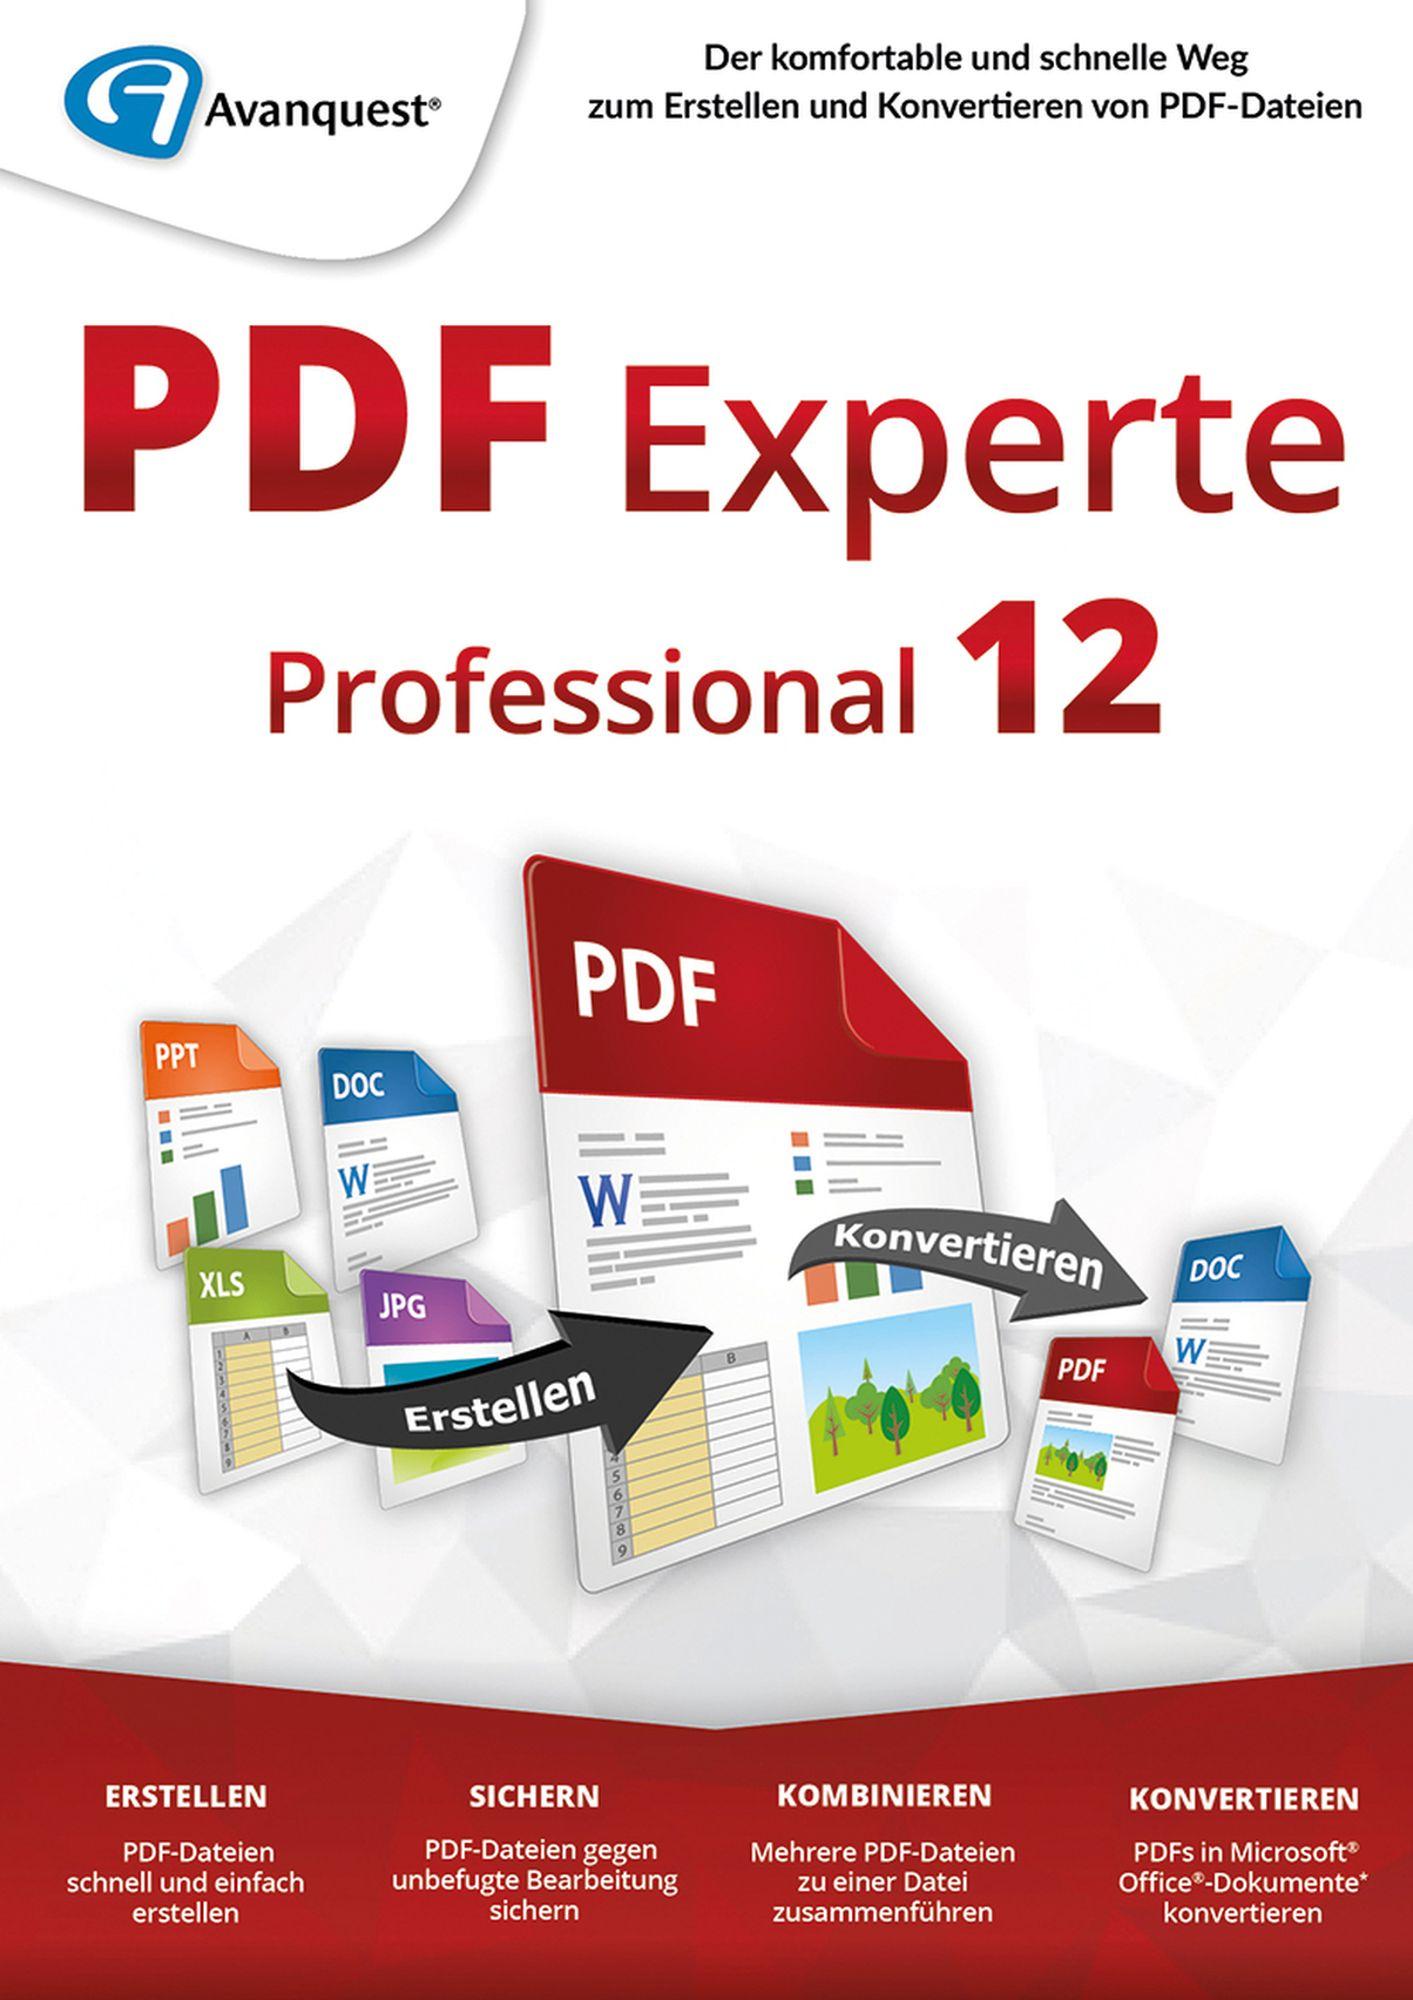 PDF Experte 12 Professional - Erstellen und Konvertieren von PDF-Dateien! Windows 10|8|7 [Online Code]